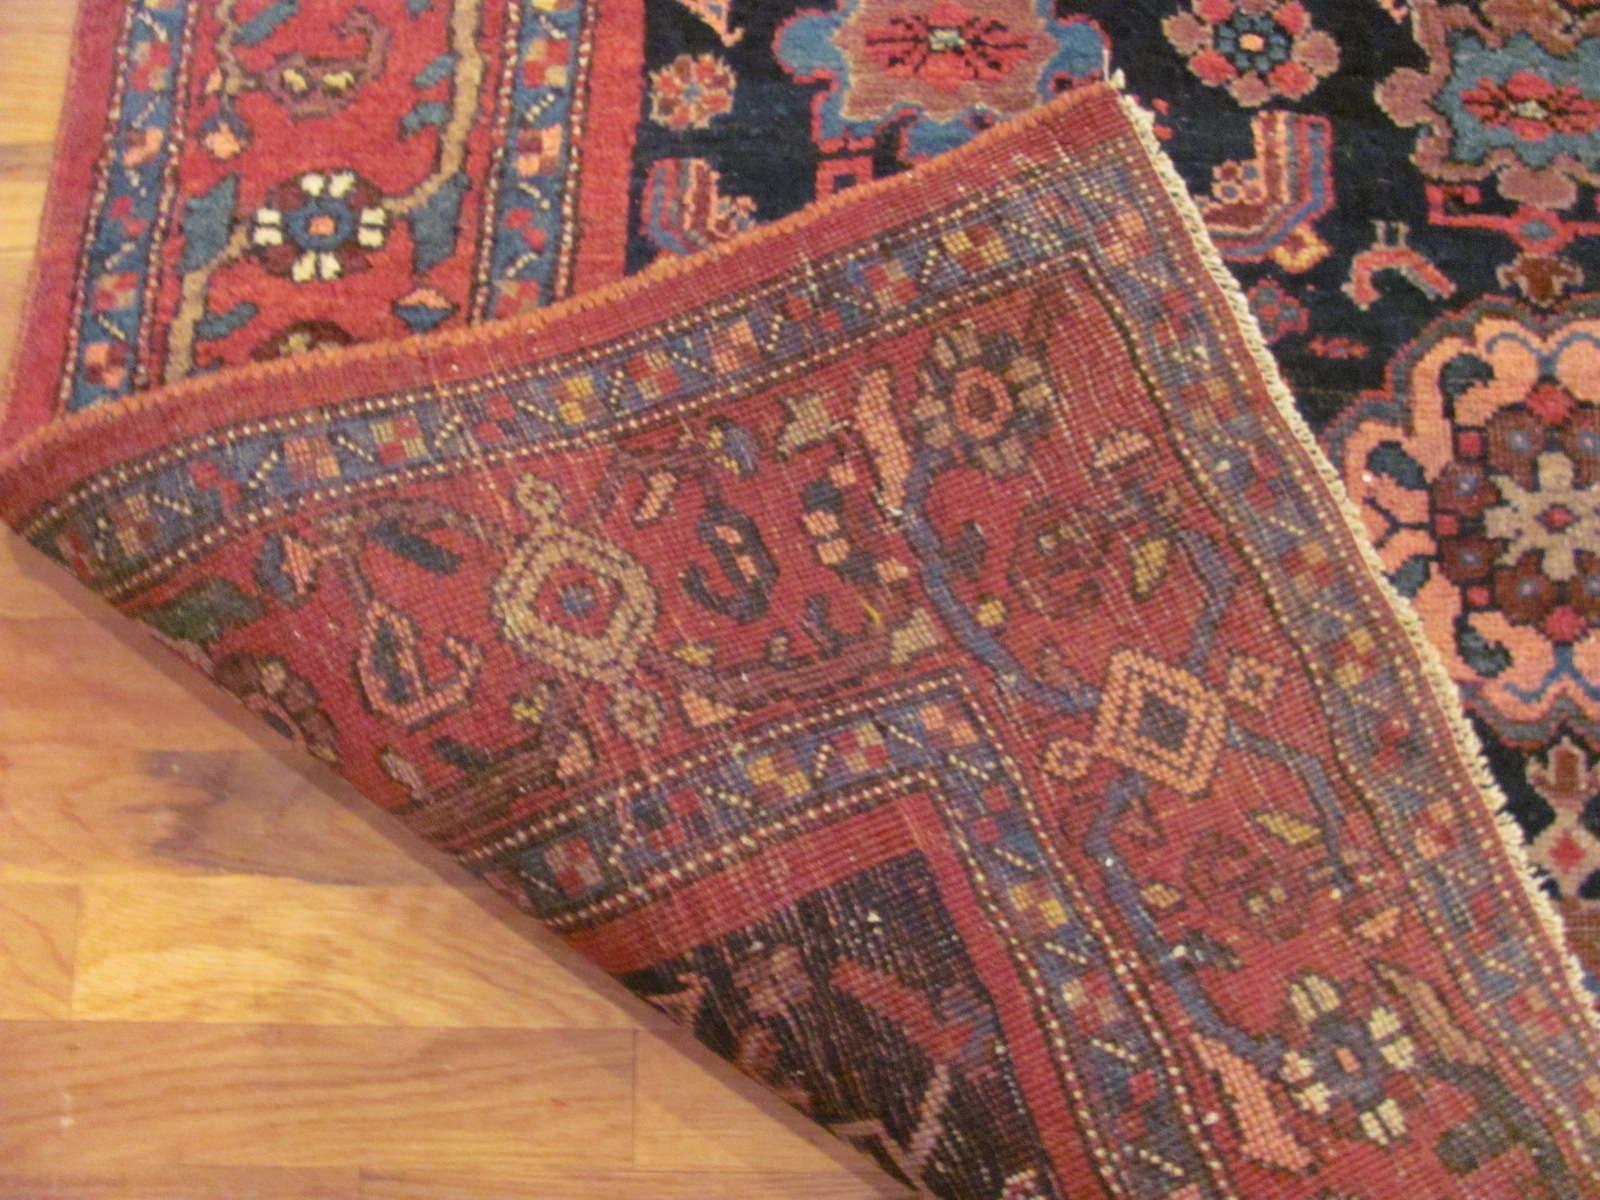 24611 antique bidjar persian rug 4,4 x 6,5 -2